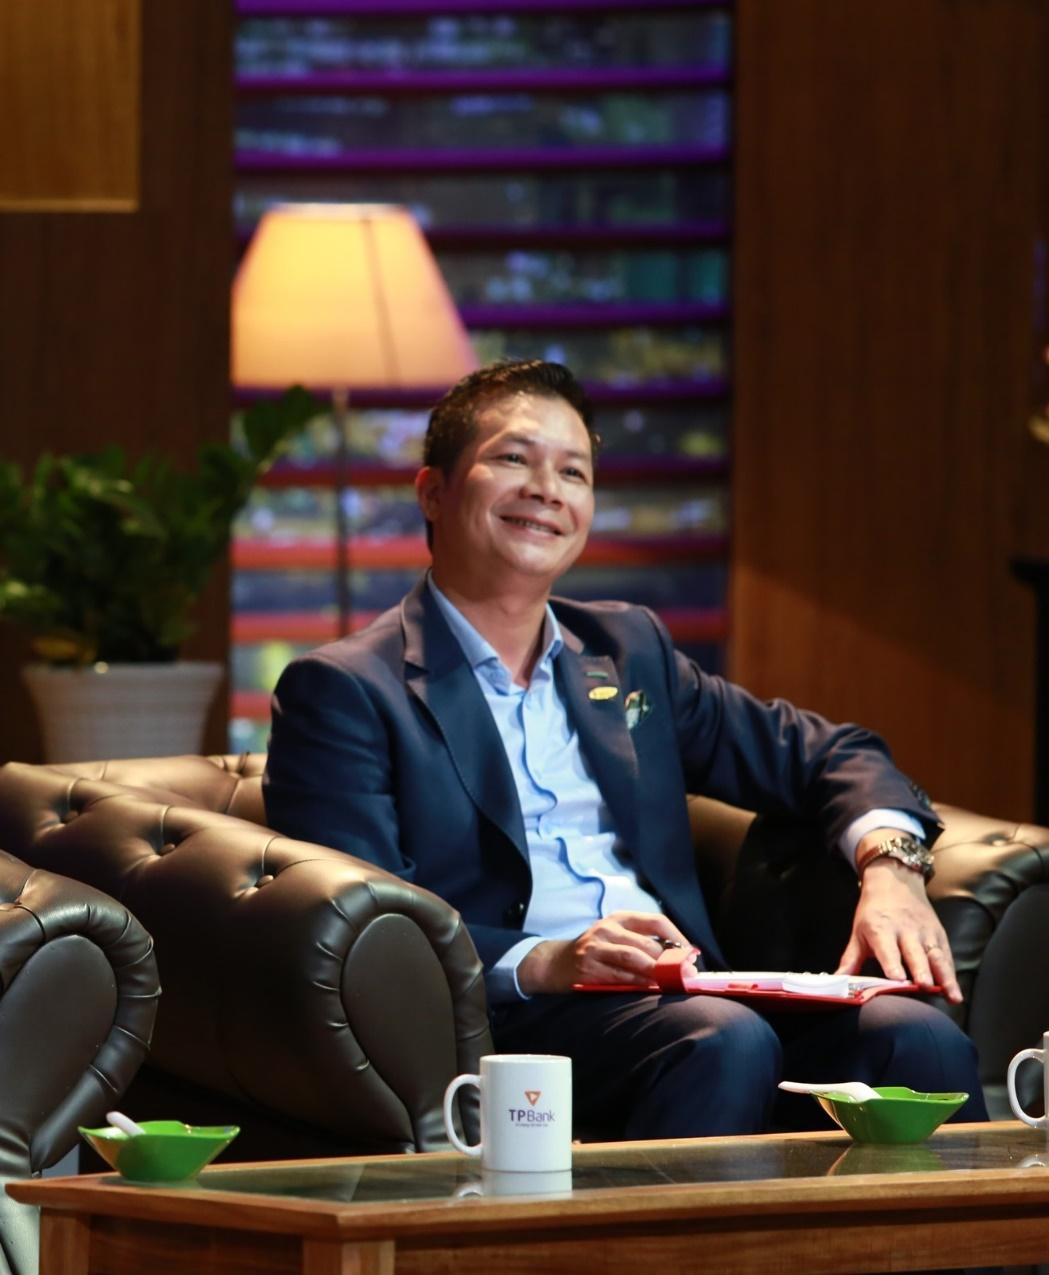 Phó chủ tịch Cenland đầu tư vào startup nhỏ tuổi nhất Shark Tank Việt Nam - Ảnh 2.